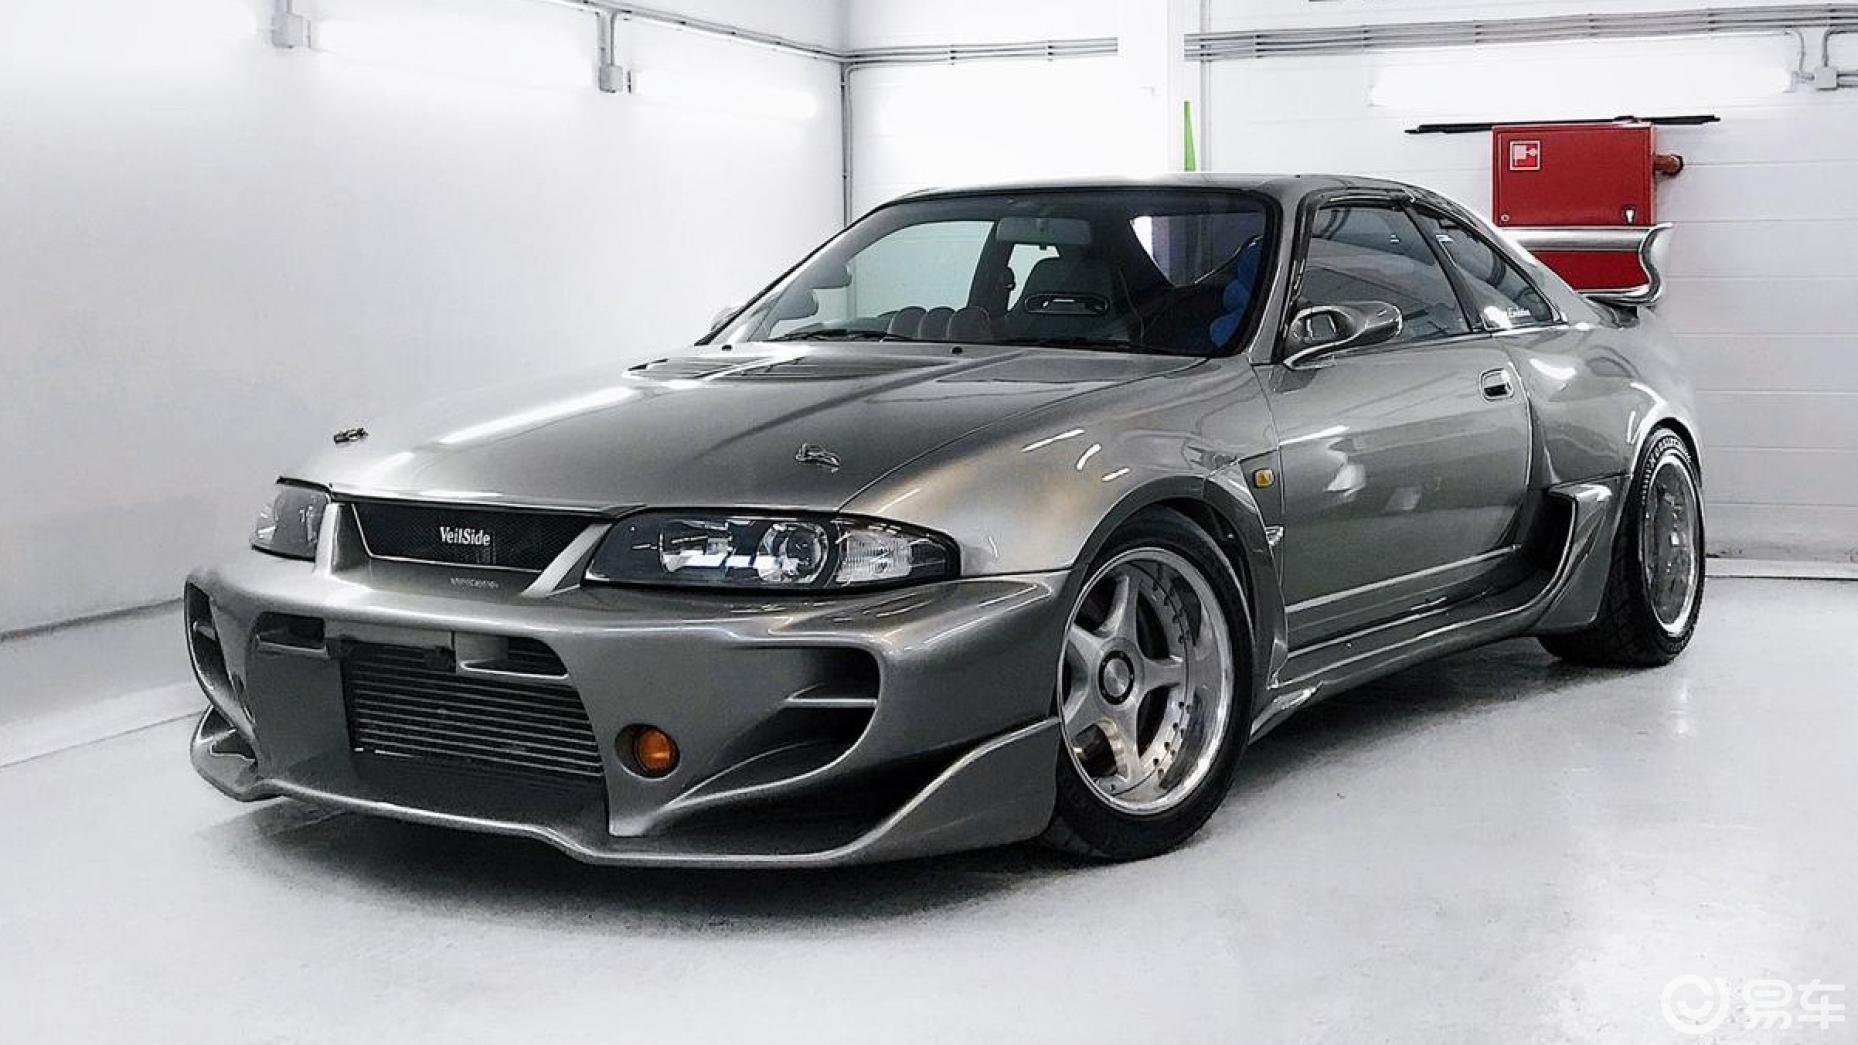 日本著名改装作品1995年款尼桑Skyline GT-R